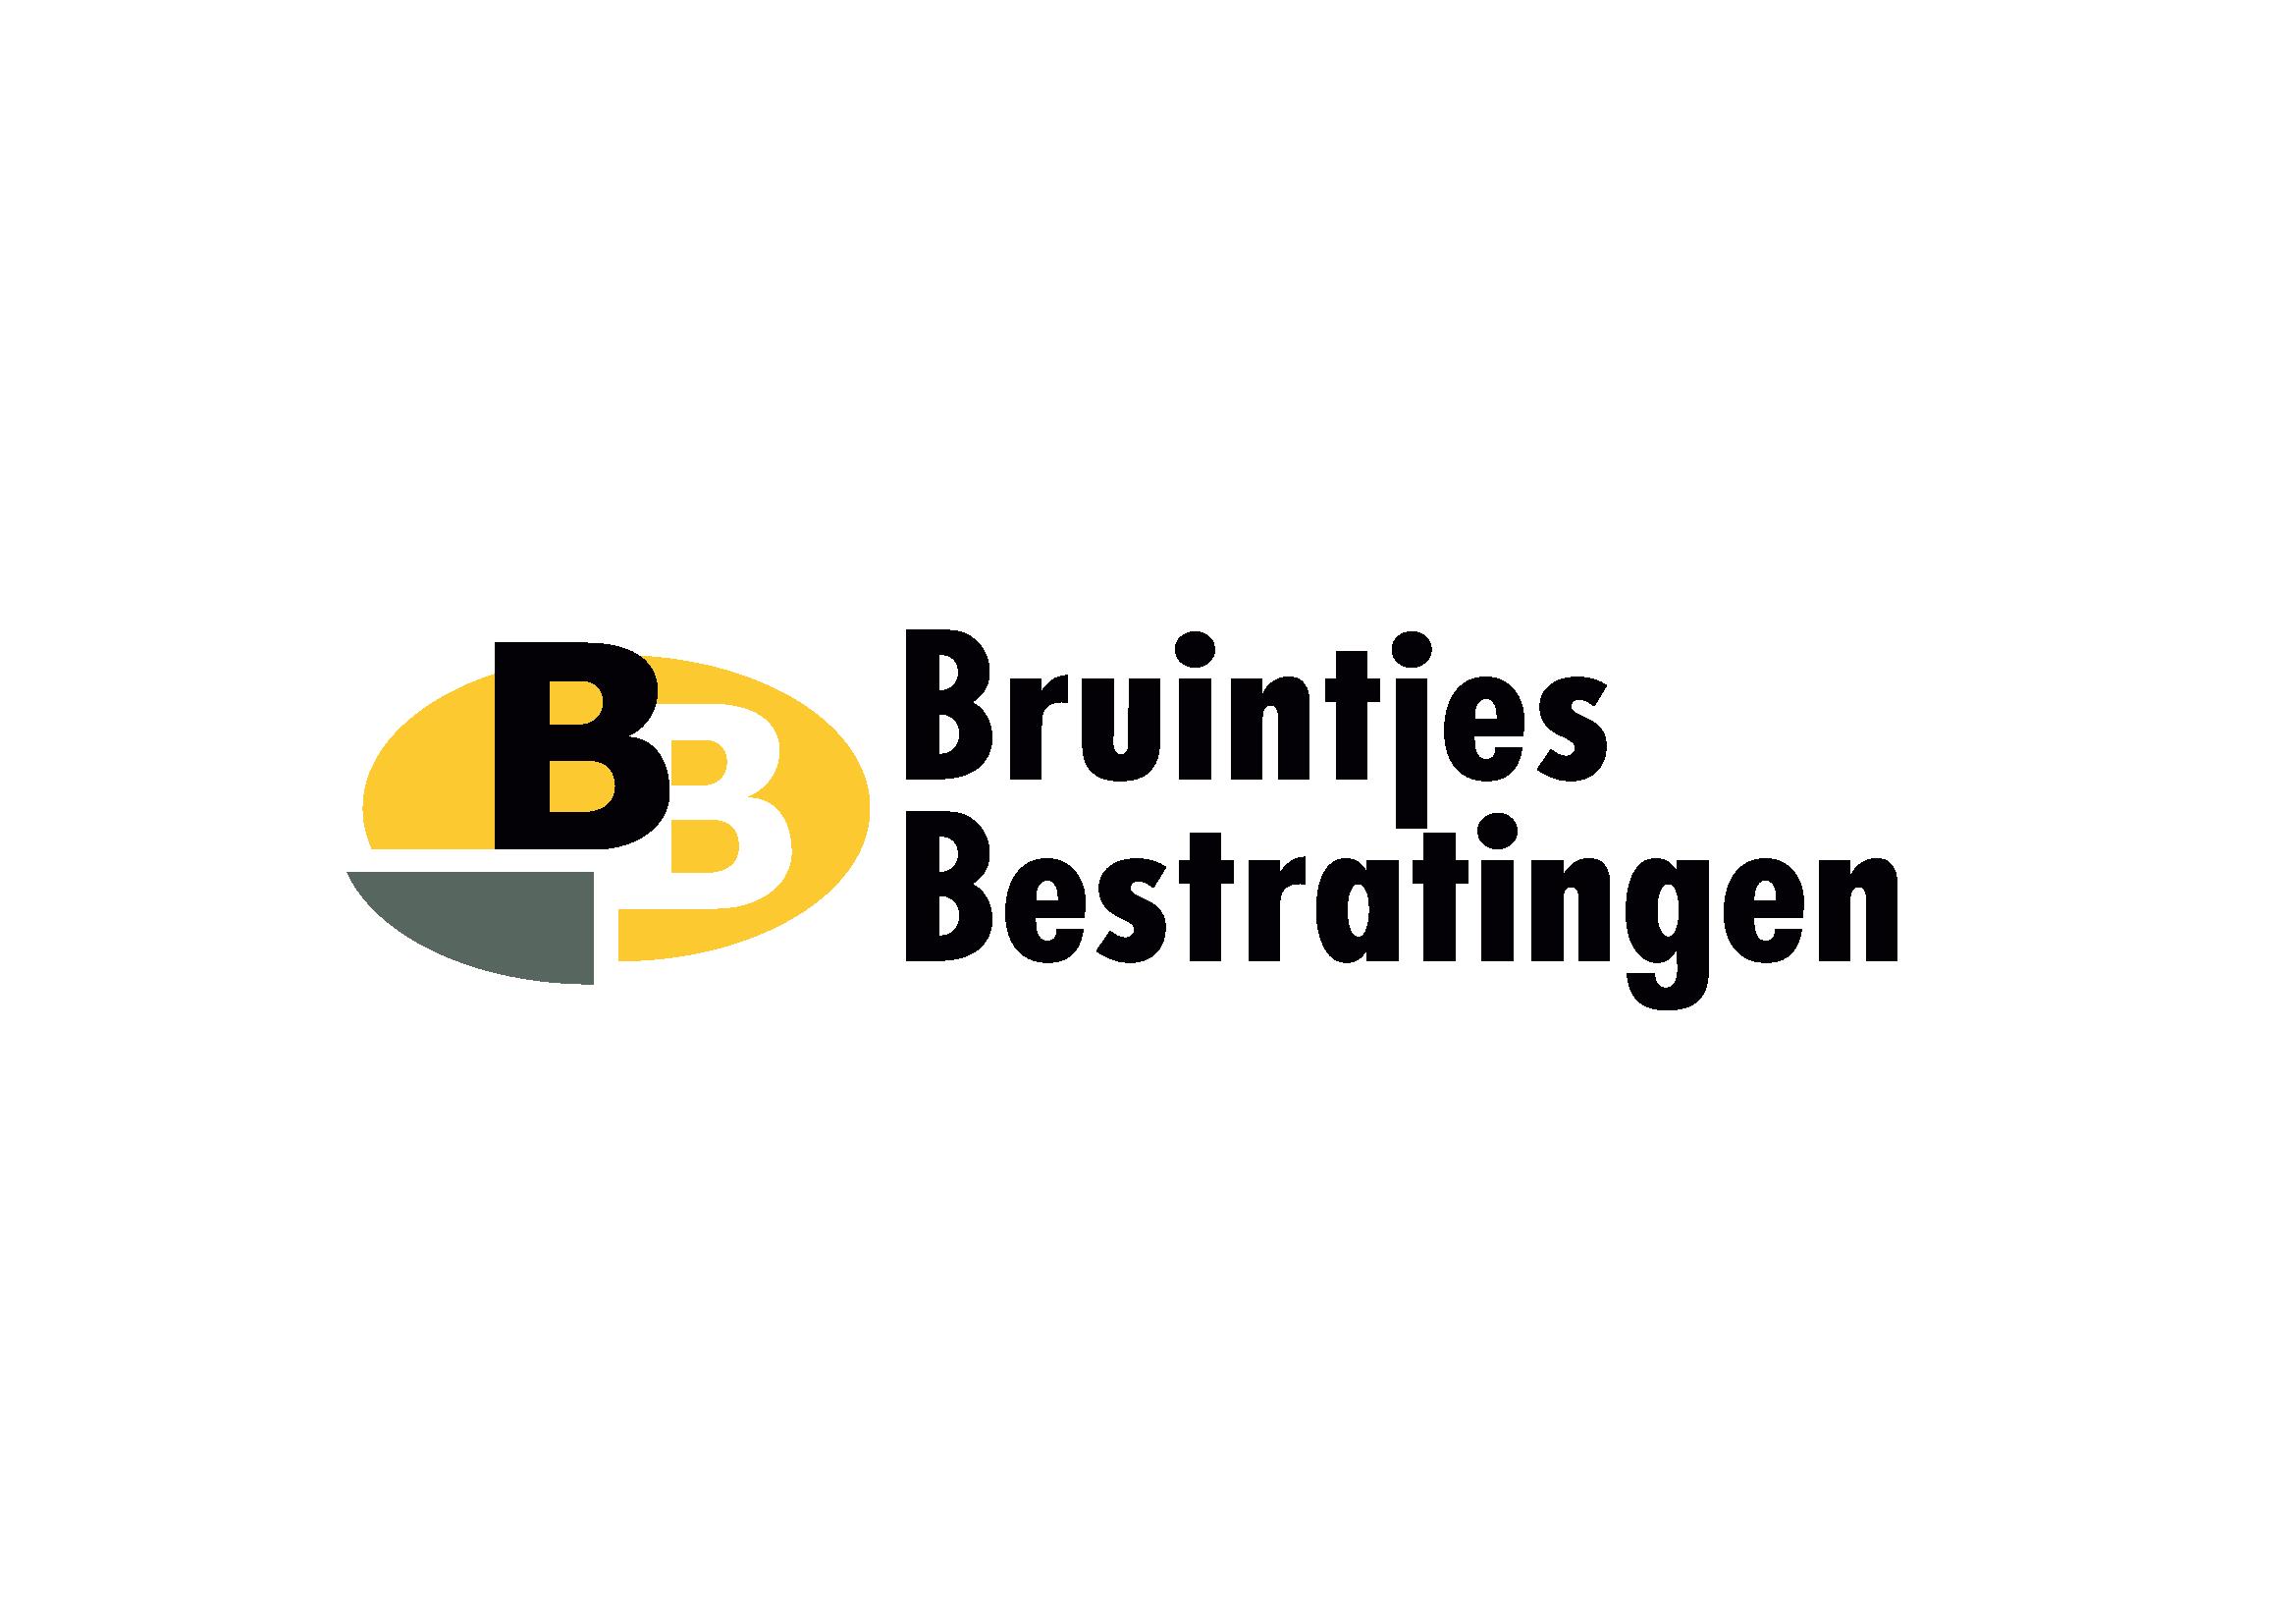 23 BruintjesBestratingen - logo